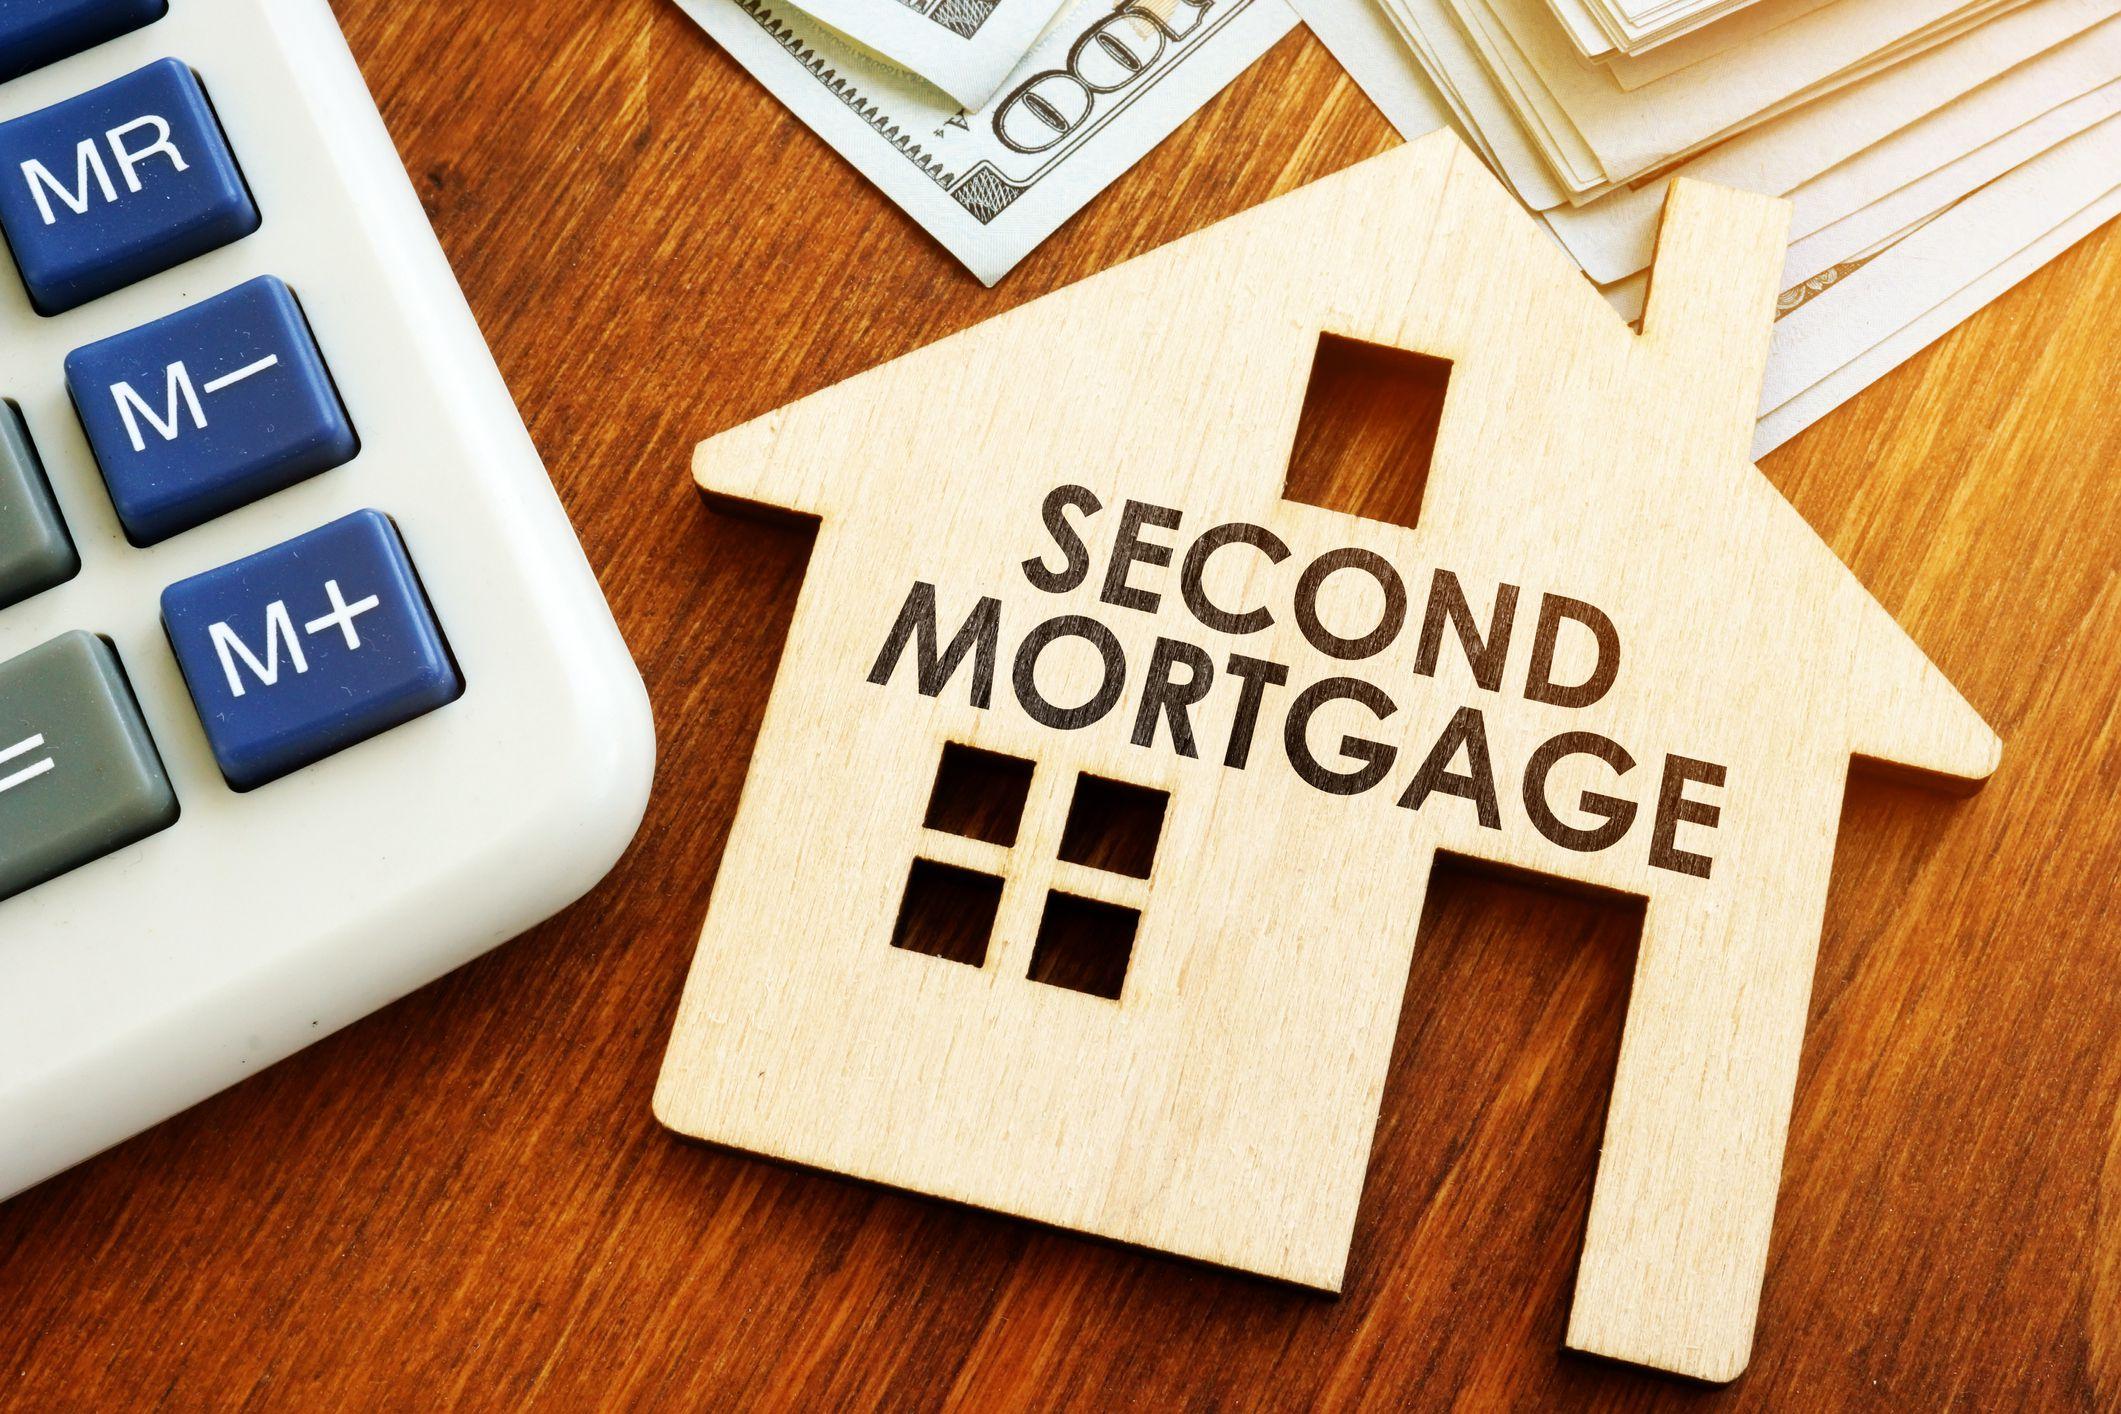 Comment obtenir une deuxième hypothèque ?